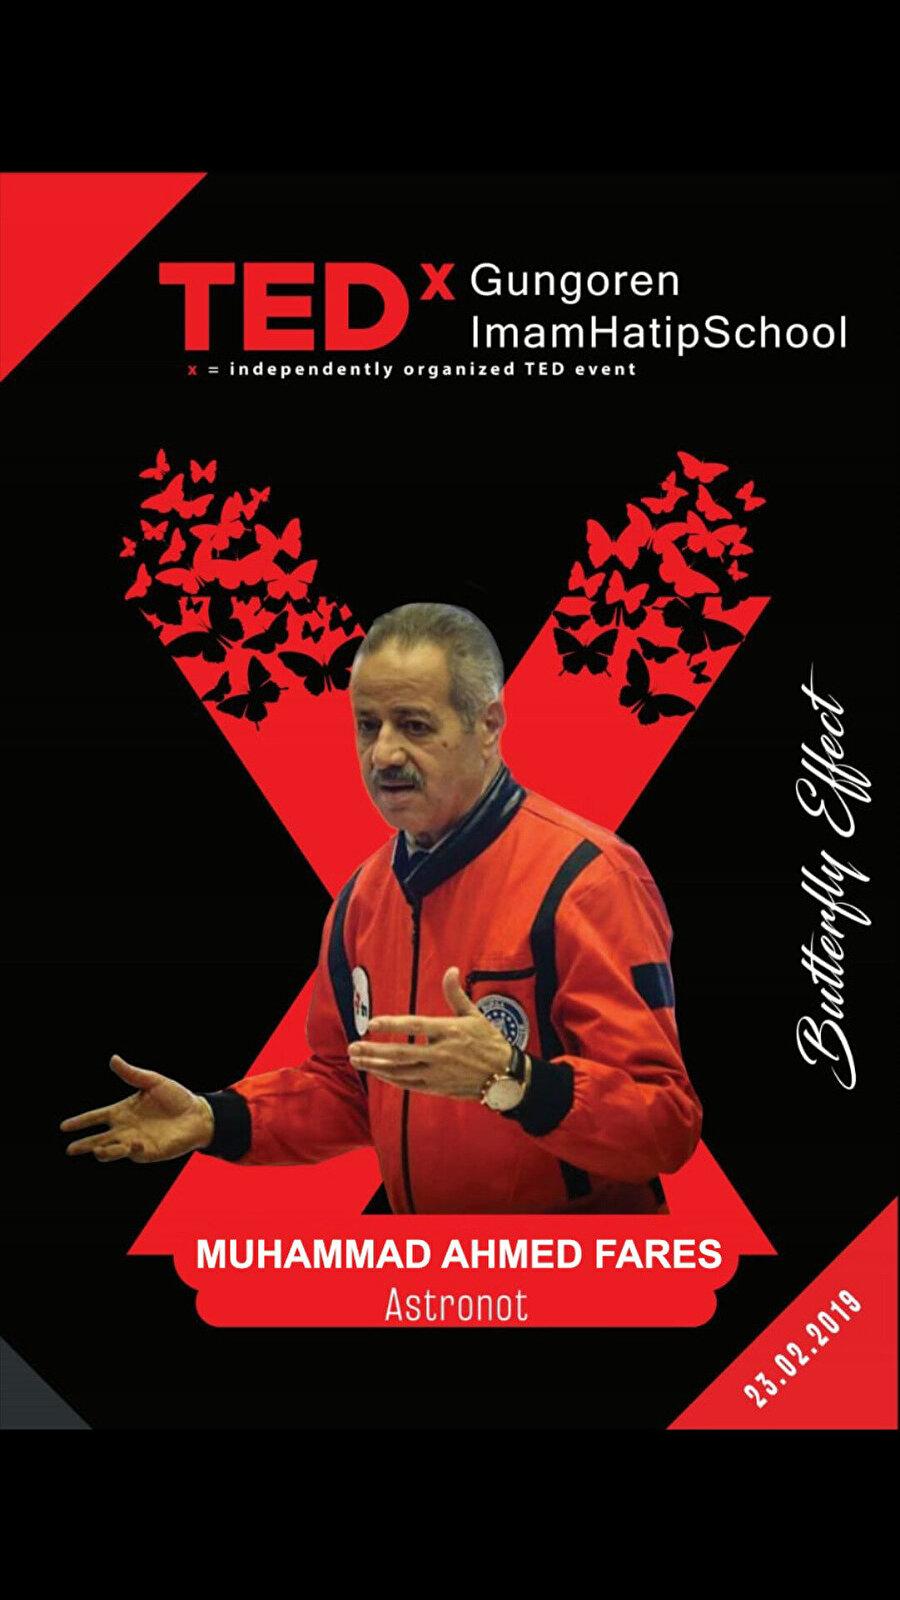 Muhammed Ahmed Farisi - Astronot ■ Bir astronotun gözünden dünyaya bakış     ■ Dünya nasıl değişir ve korunur?